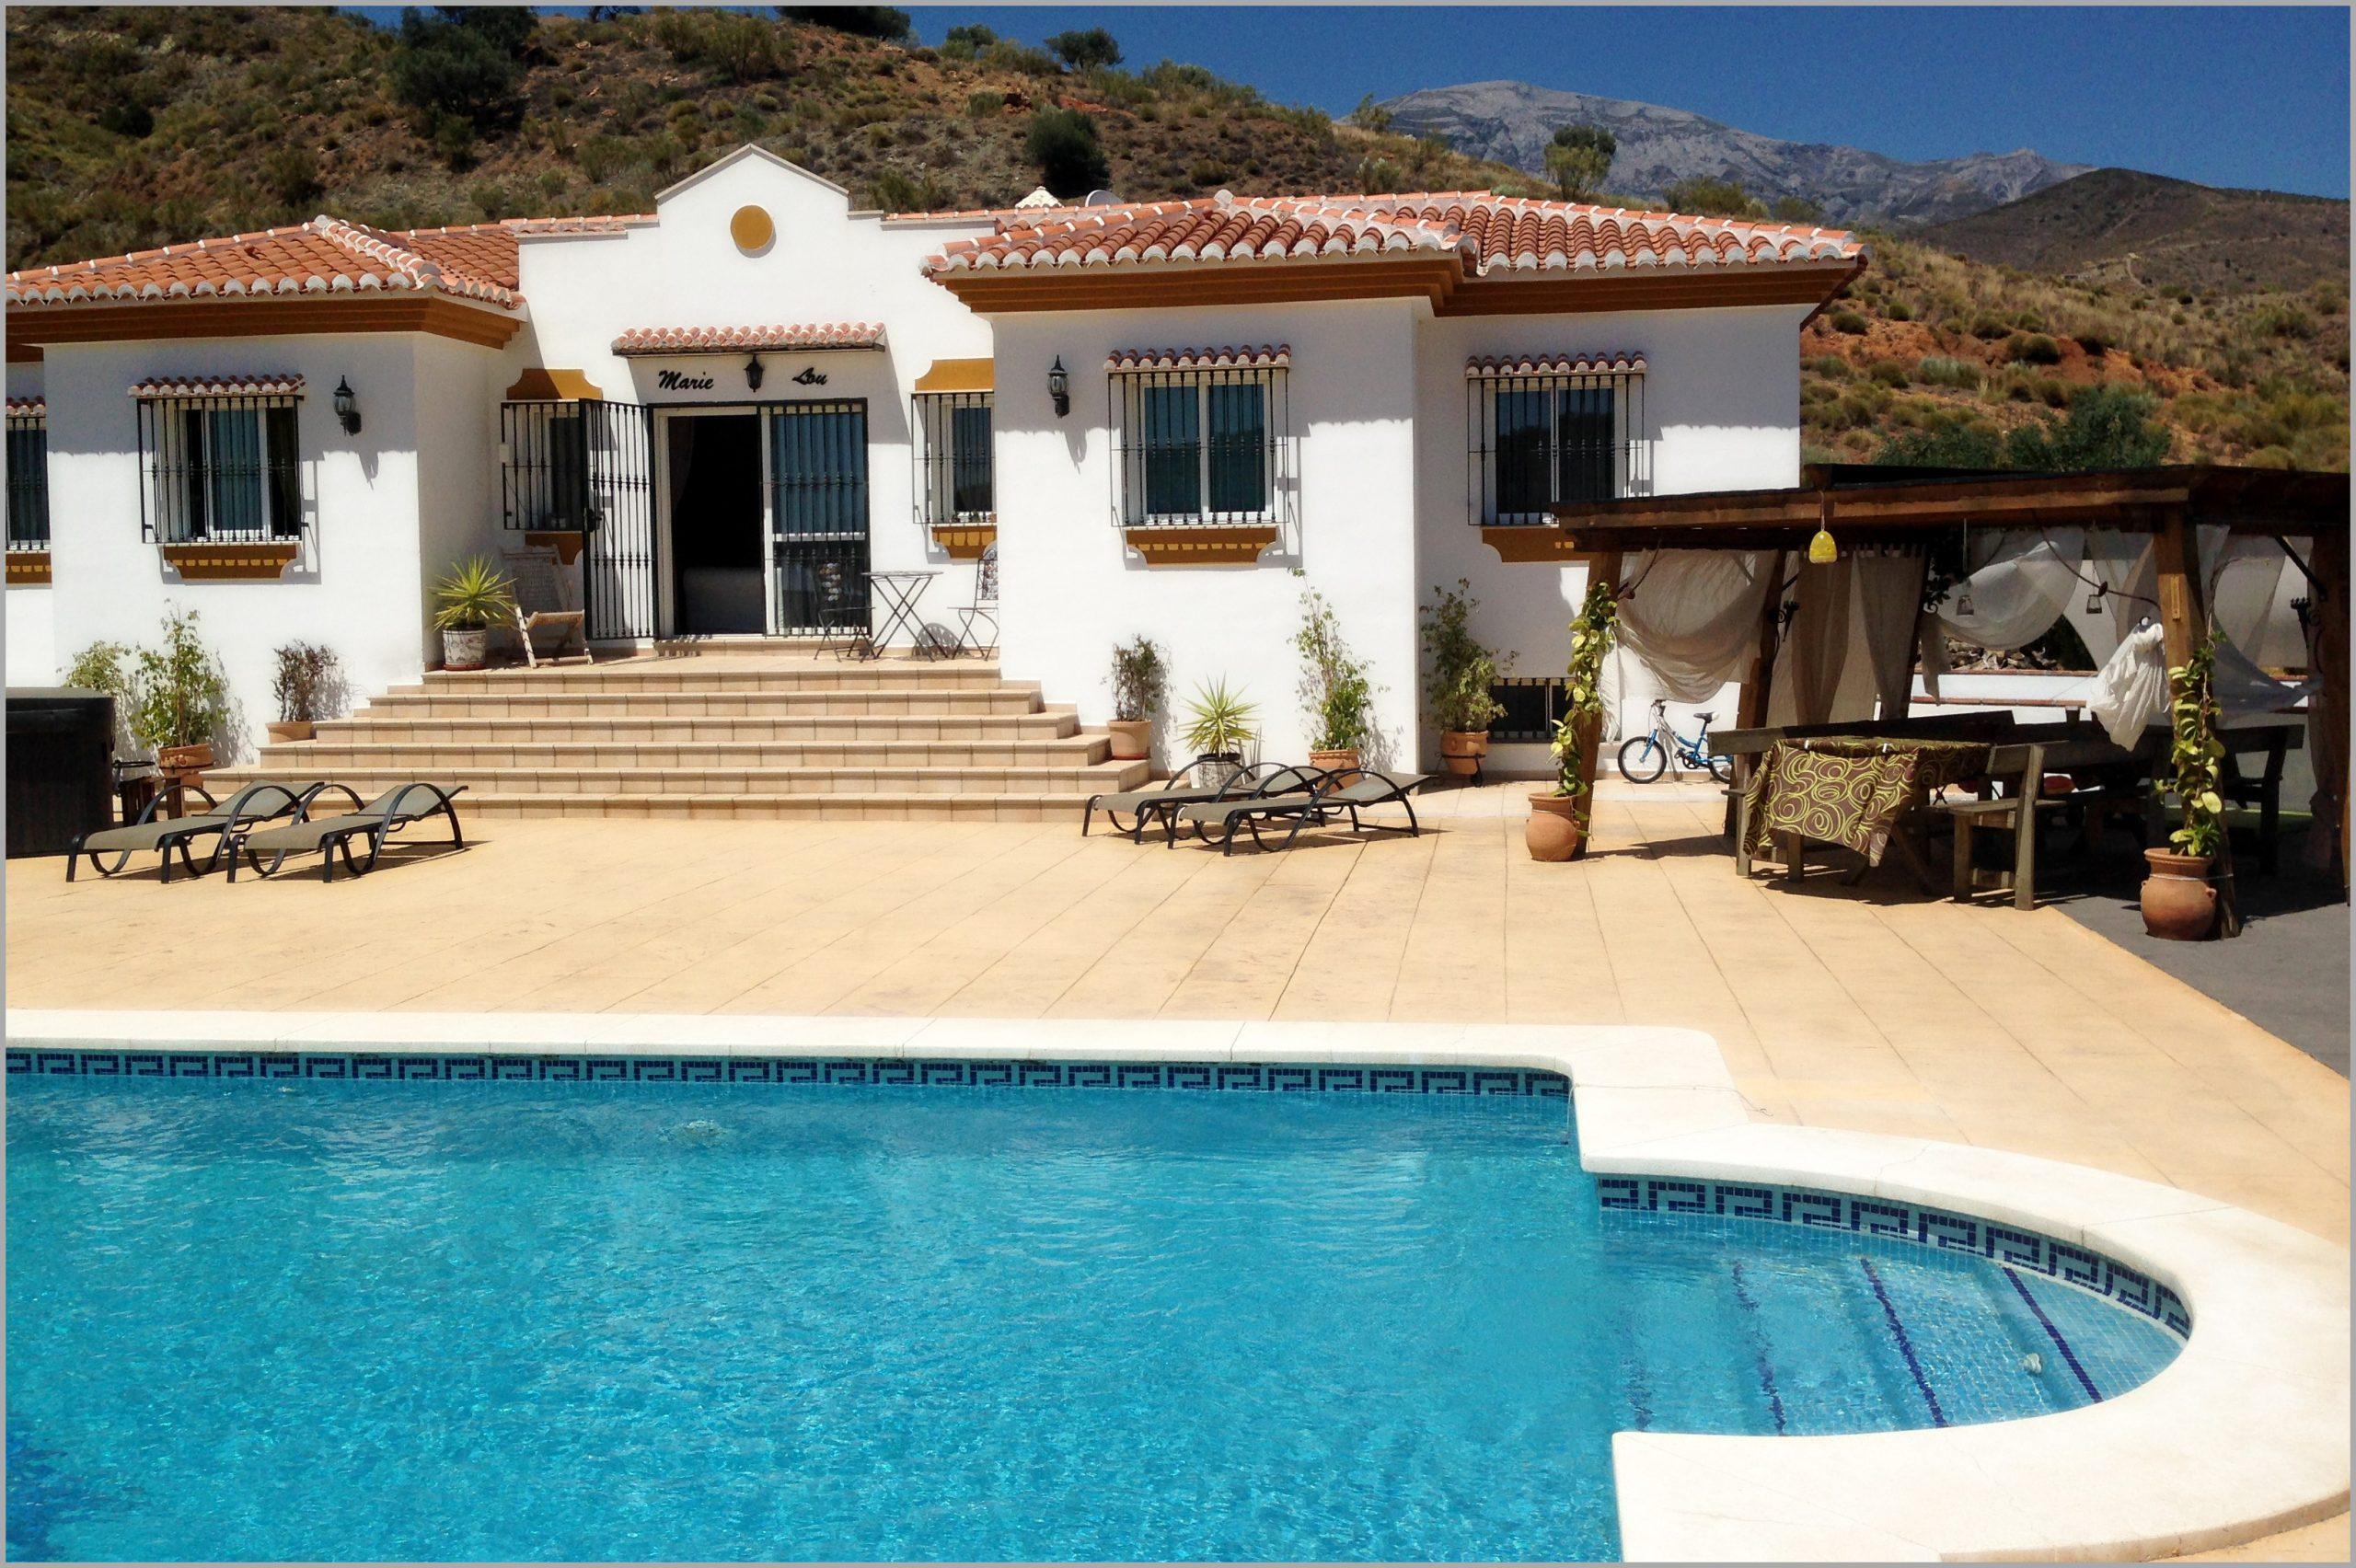 Location Maison Avec Piscine Sans Vis A Vis Espagne ... encequiconcerne Location Villa Espagne Avec Piscine Privée